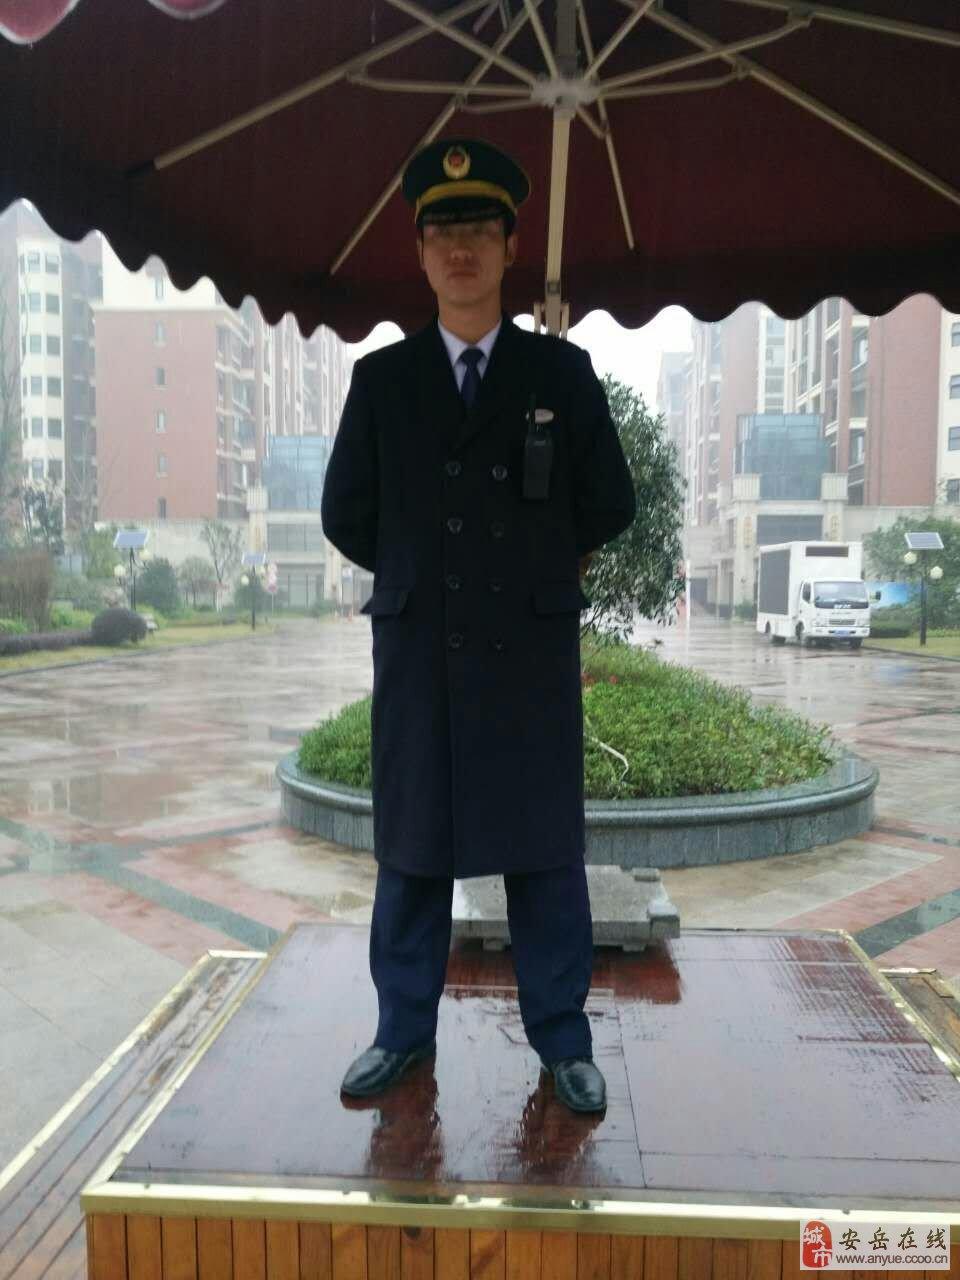 招聘求职首页保安/仓管招聘信息公司名称:四川省振月物业管理